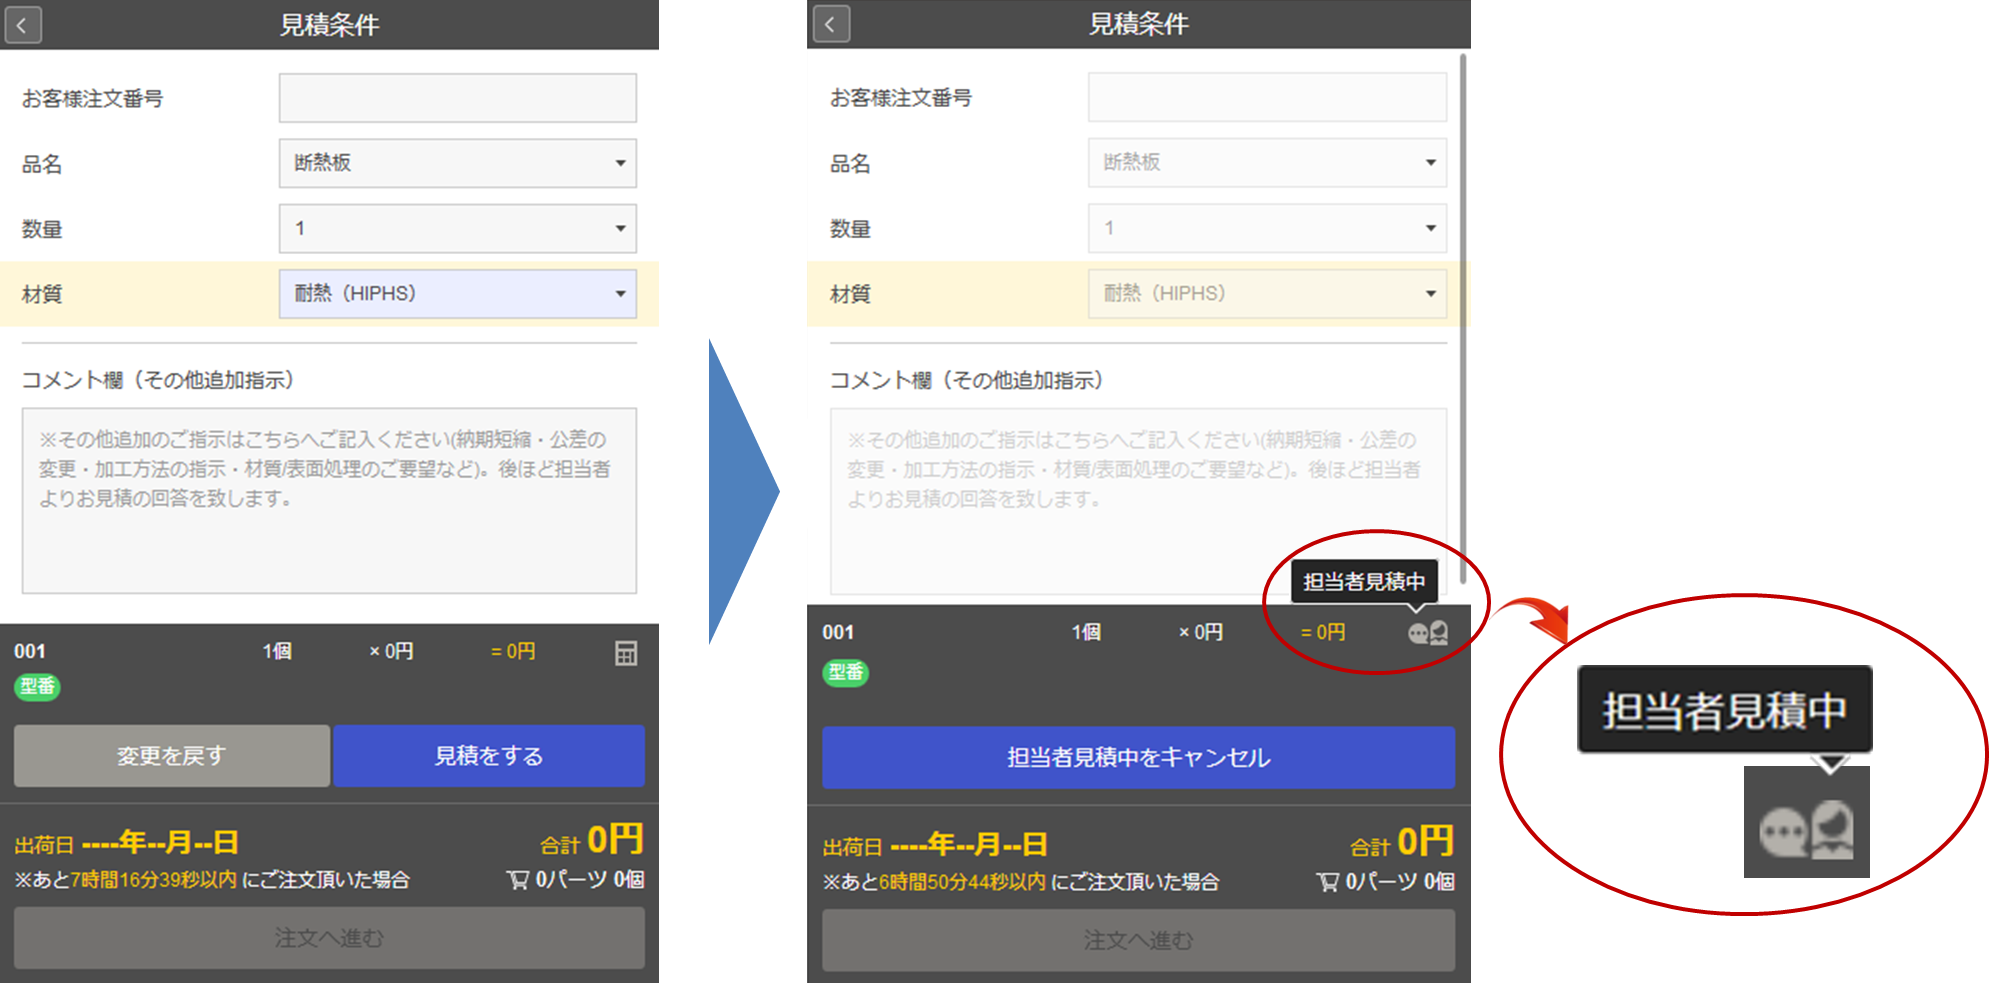 「見積をする」ボタンを押して、「担当者見積中」アイコンが表示します。 ※見積依頼から、半営業日~1営業日程で見積回答いたします。